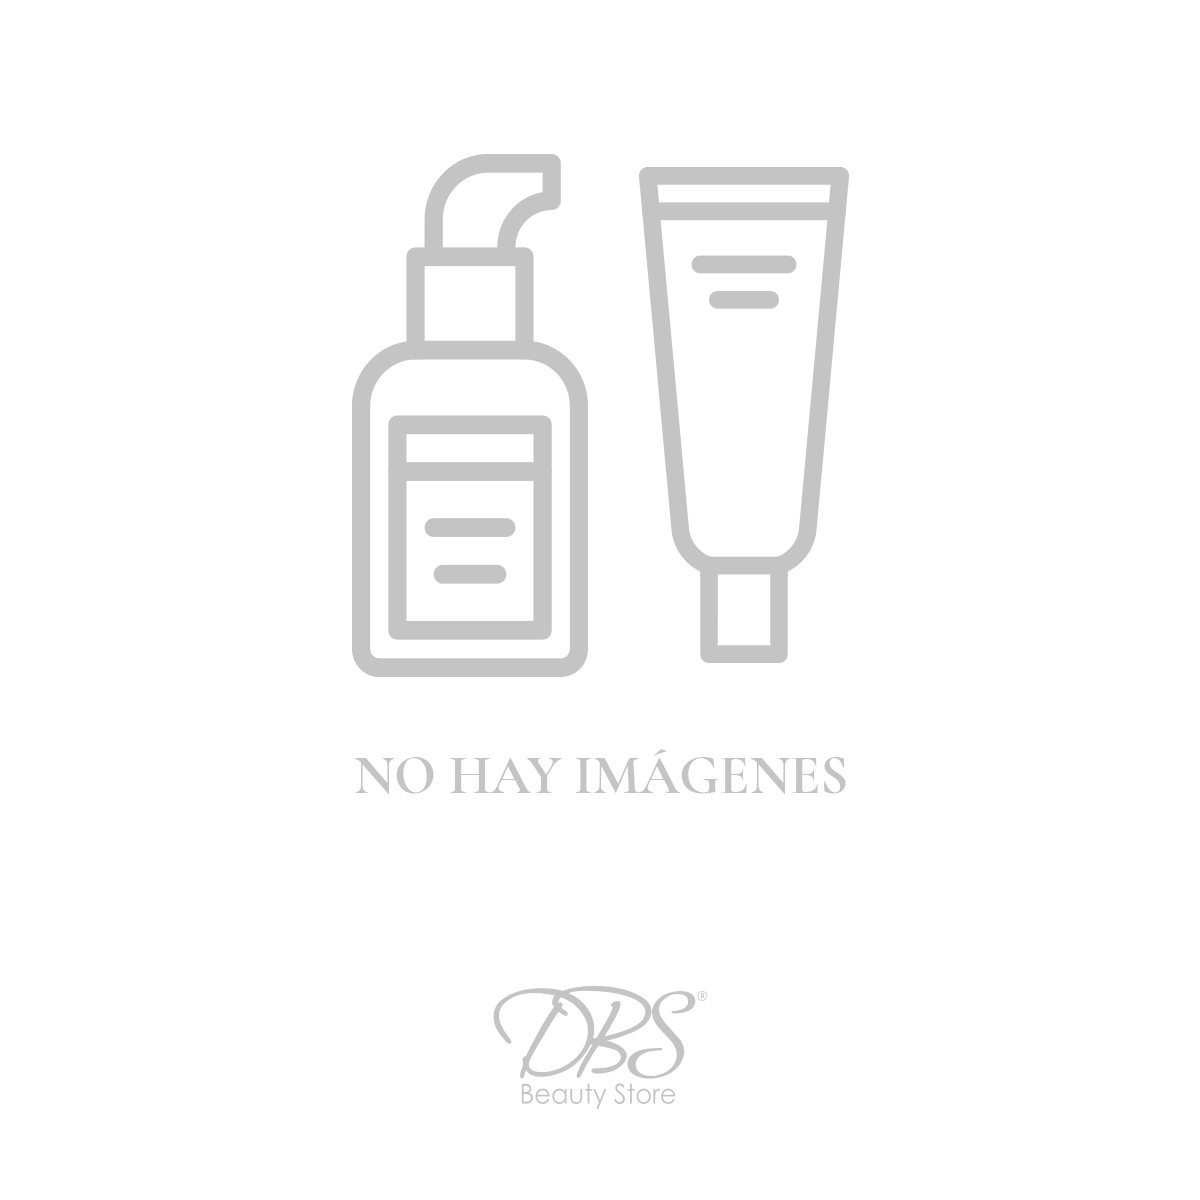 bath-and-body-works-BW-31541.jpg